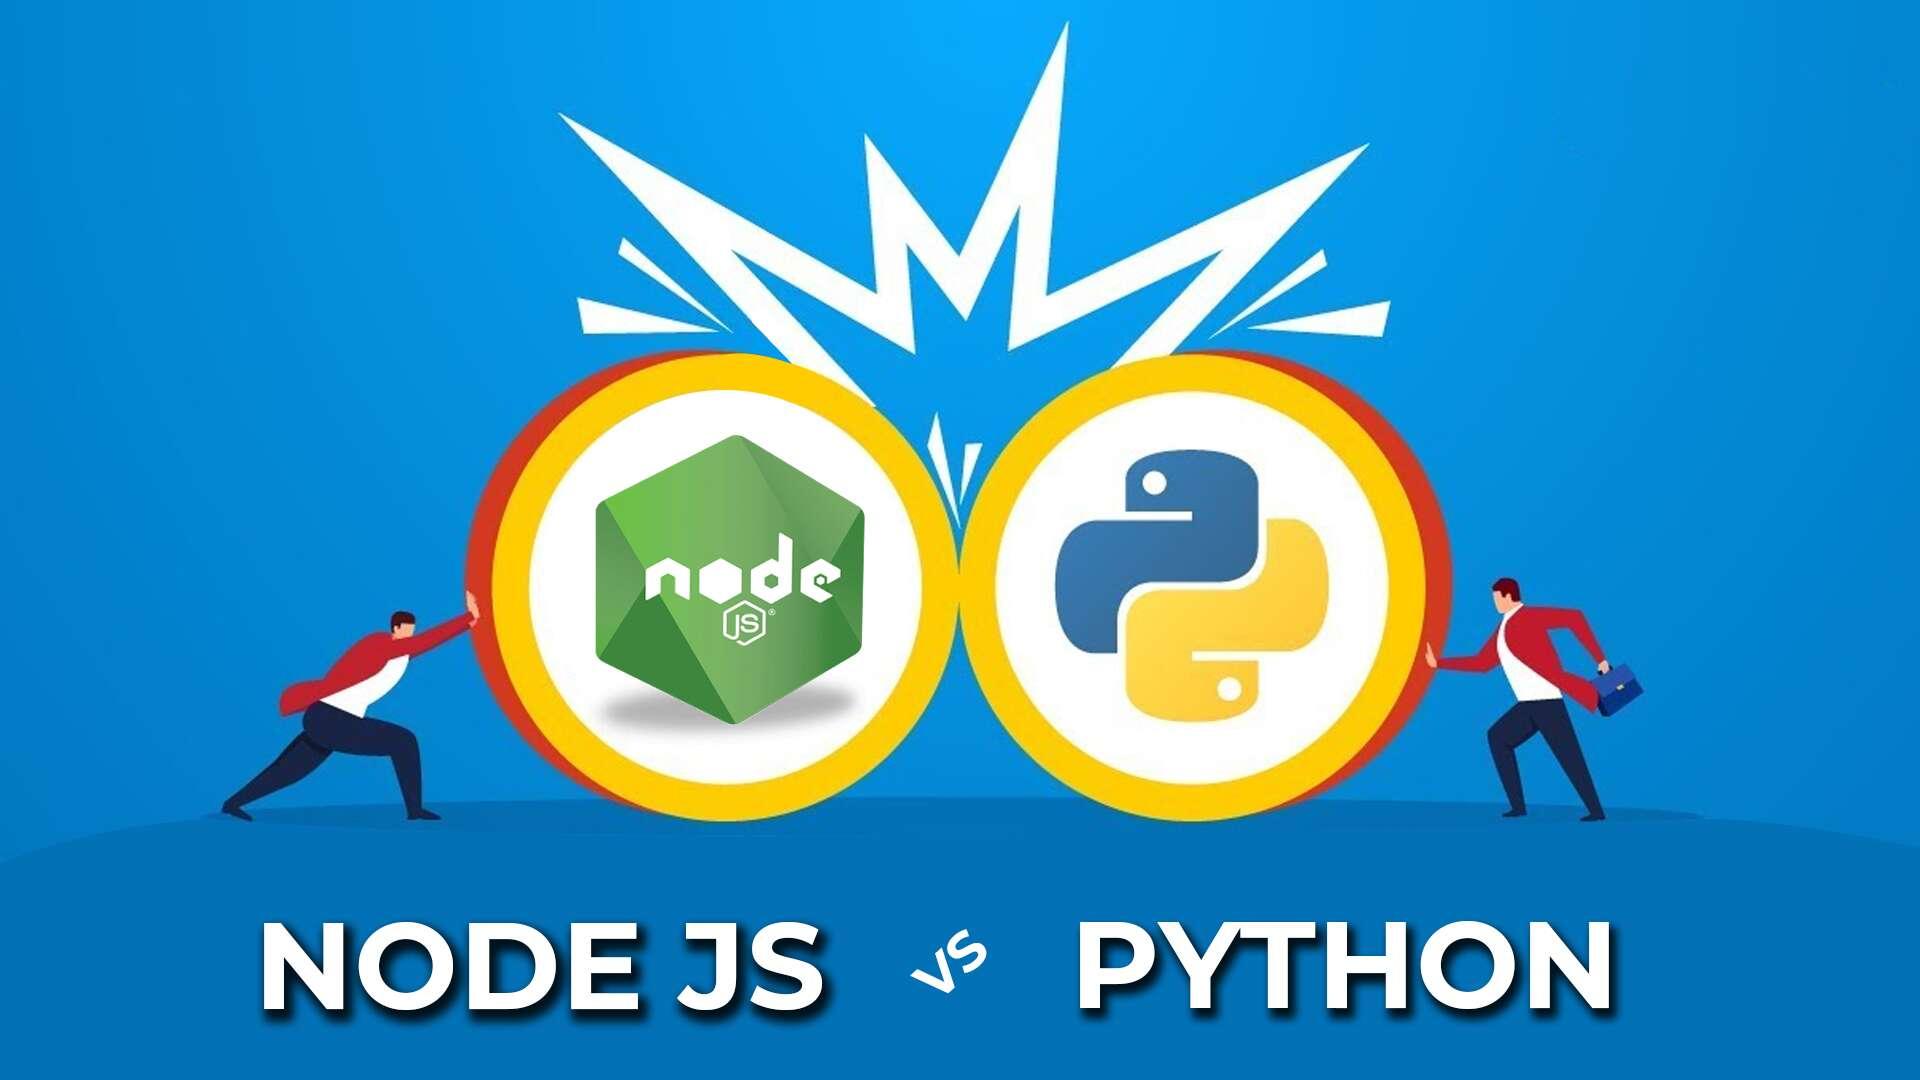 nodejs vs python